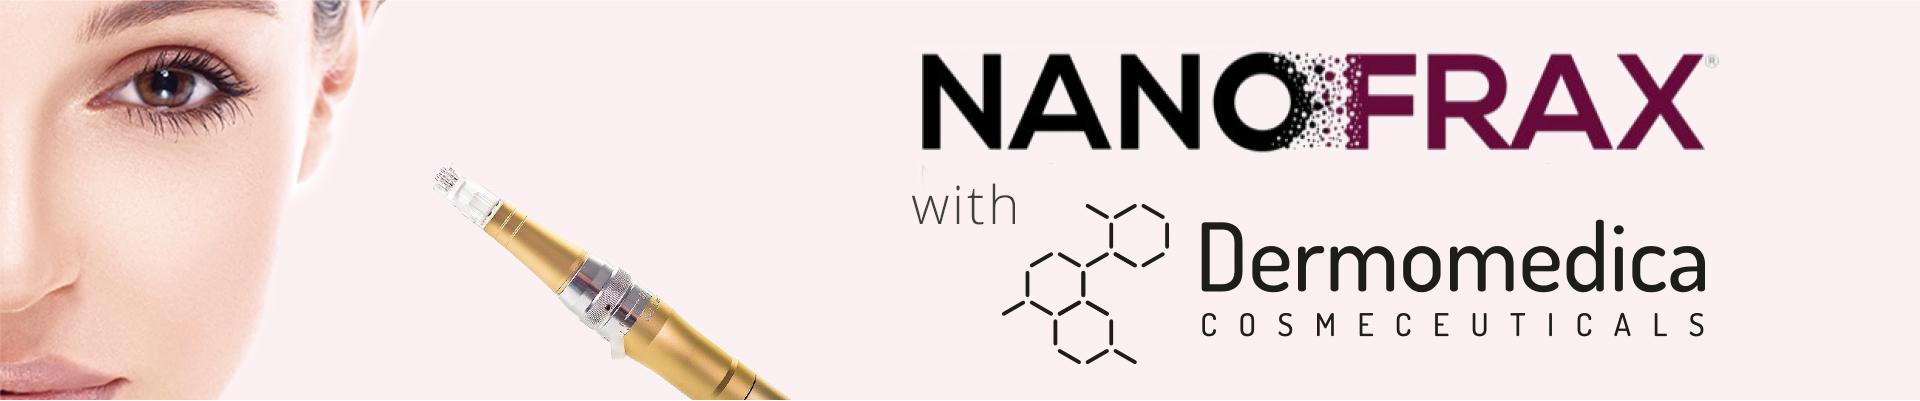 Znalezione obrazy dla zapytania nanofrax